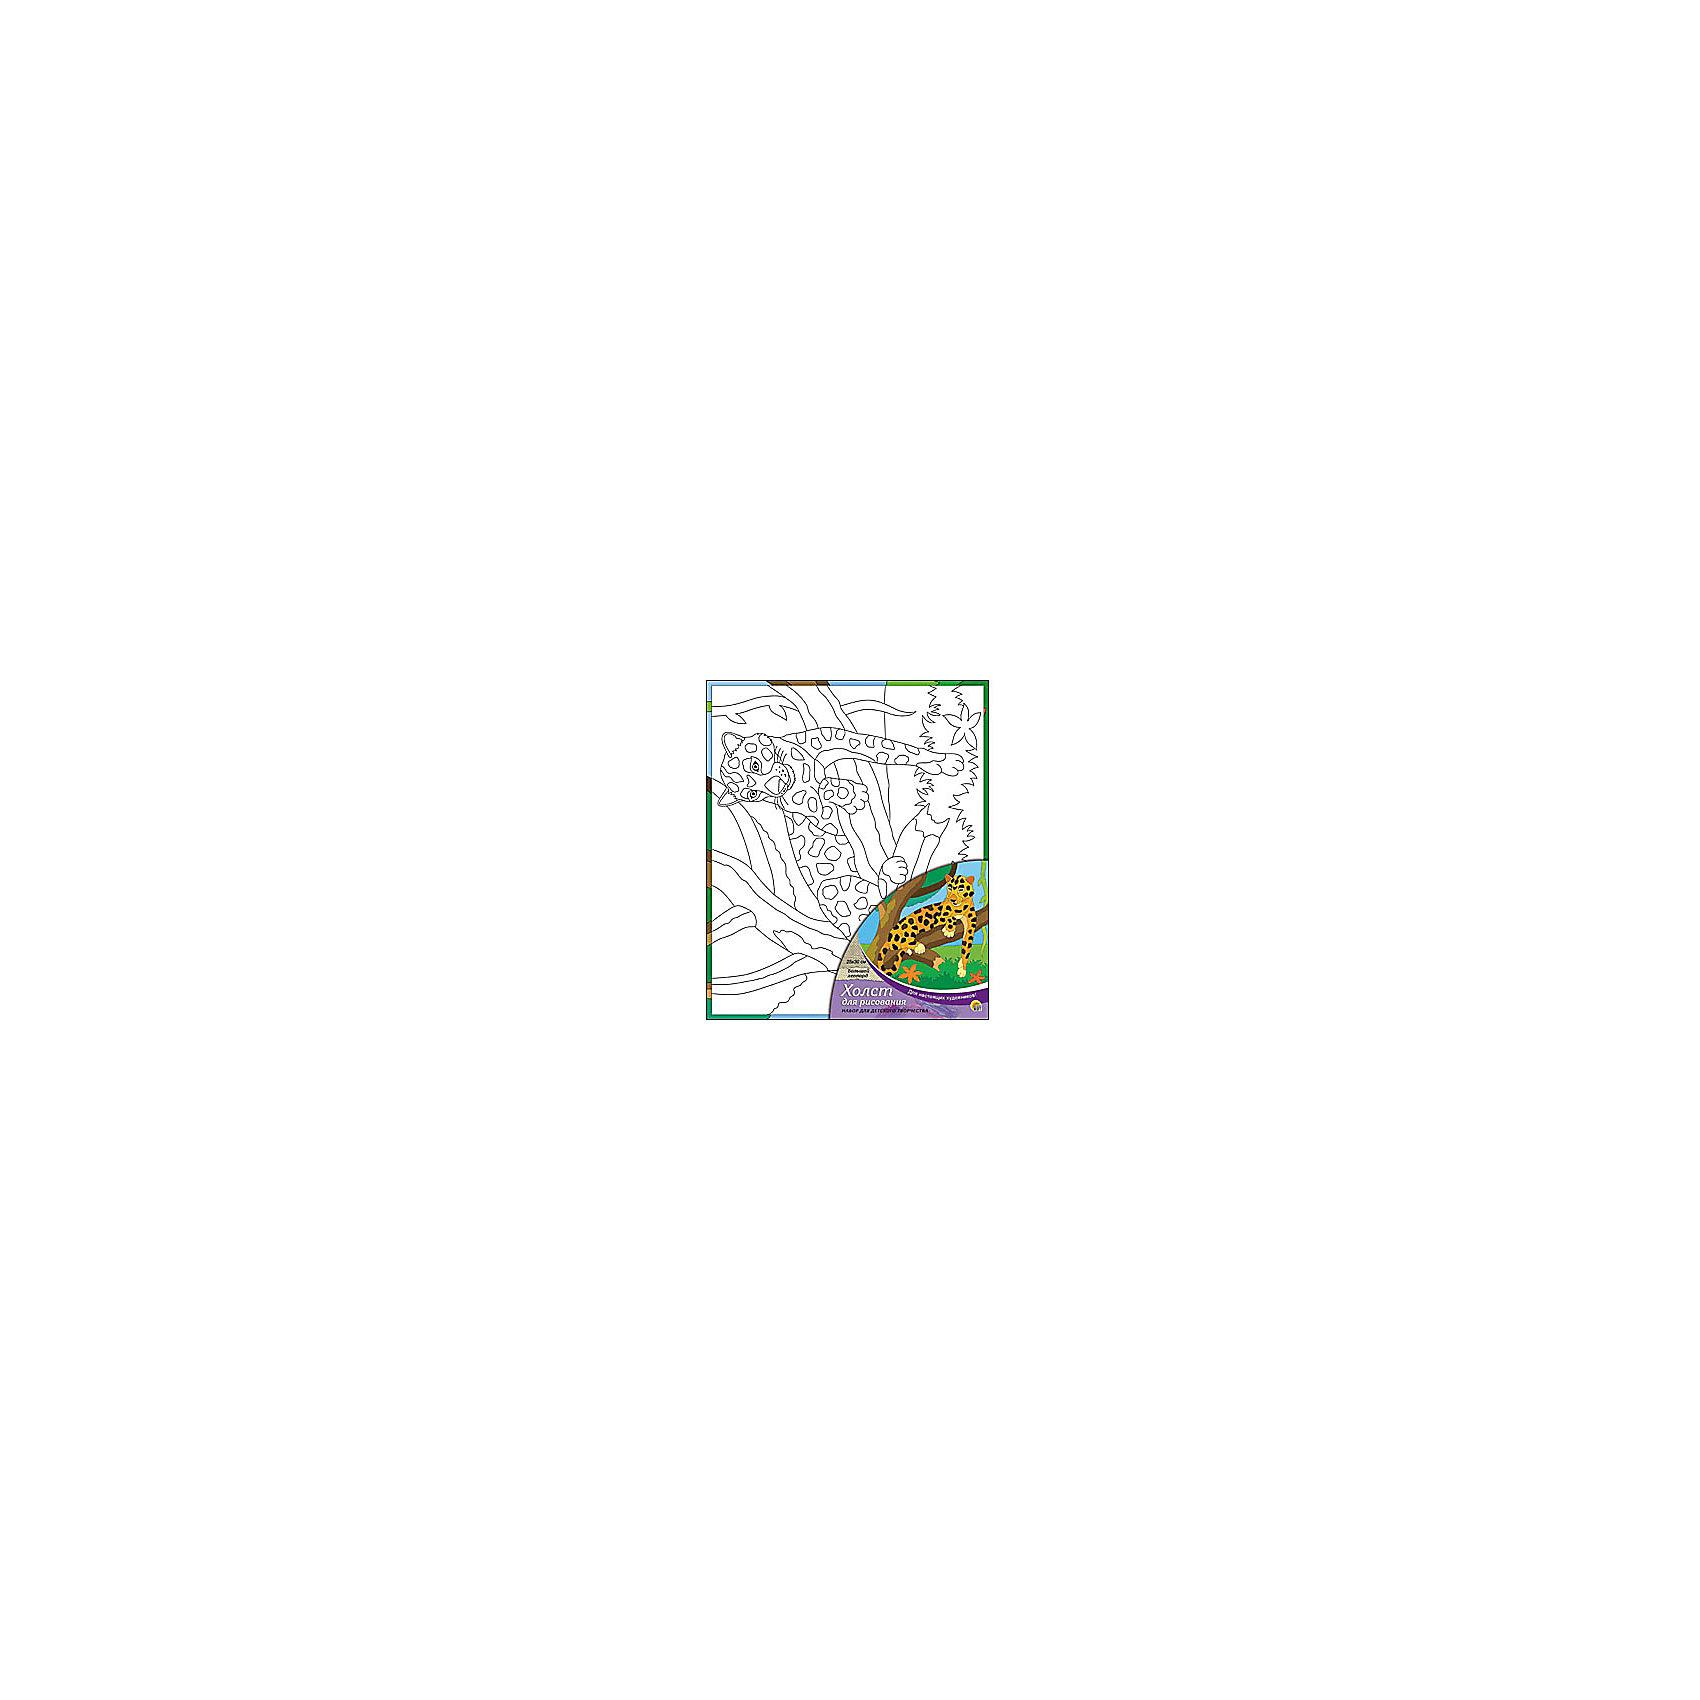 Холст с красками Большой леопард, 25х30 смХолст с красками Большой леопард поможет ребенку провести время с пользой и развить художественные навыки. Яркими красками он с удовольствием раскрасит эскиз на холсте и с гордостью сможет похвастаться родителям и друзьям!<br><br>Дополнительная информация:<br>В наборе: холст-эскиз, 7 акриловых красок, кисточка<br>Размер: 25х1,5х30 см<br>Вес: 250 грамм<br>Вы можете приобрести холст с красками Большой леопард в нашем интернет-магазине.<br><br>Ширина мм: 300<br>Глубина мм: 15<br>Высота мм: 250<br>Вес г: 250<br>Возраст от месяцев: 36<br>Возраст до месяцев: 120<br>Пол: Унисекс<br>Возраст: Детский<br>SKU: 4939536